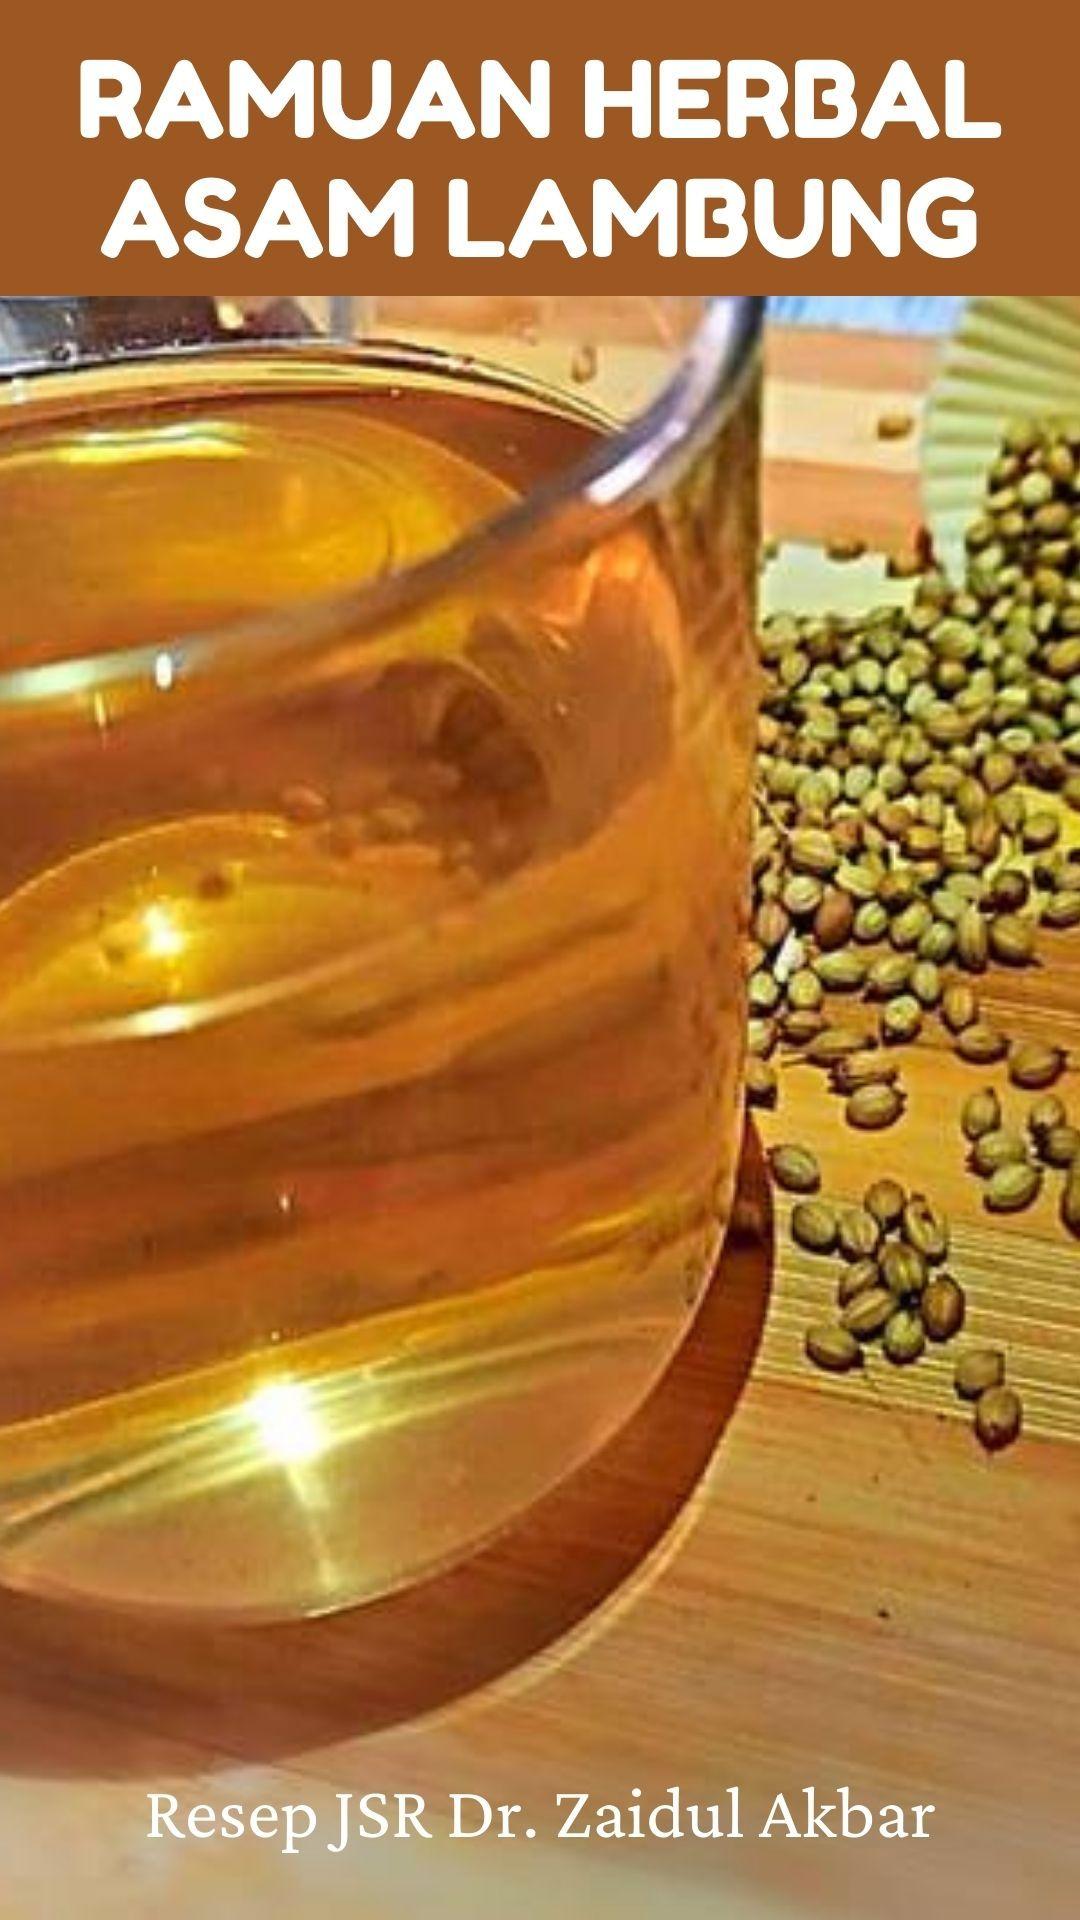 Resep Herbal Asam Lambung Jsr Zaidul Akbar Di 2020 Herbal Alami Herbal Jahe